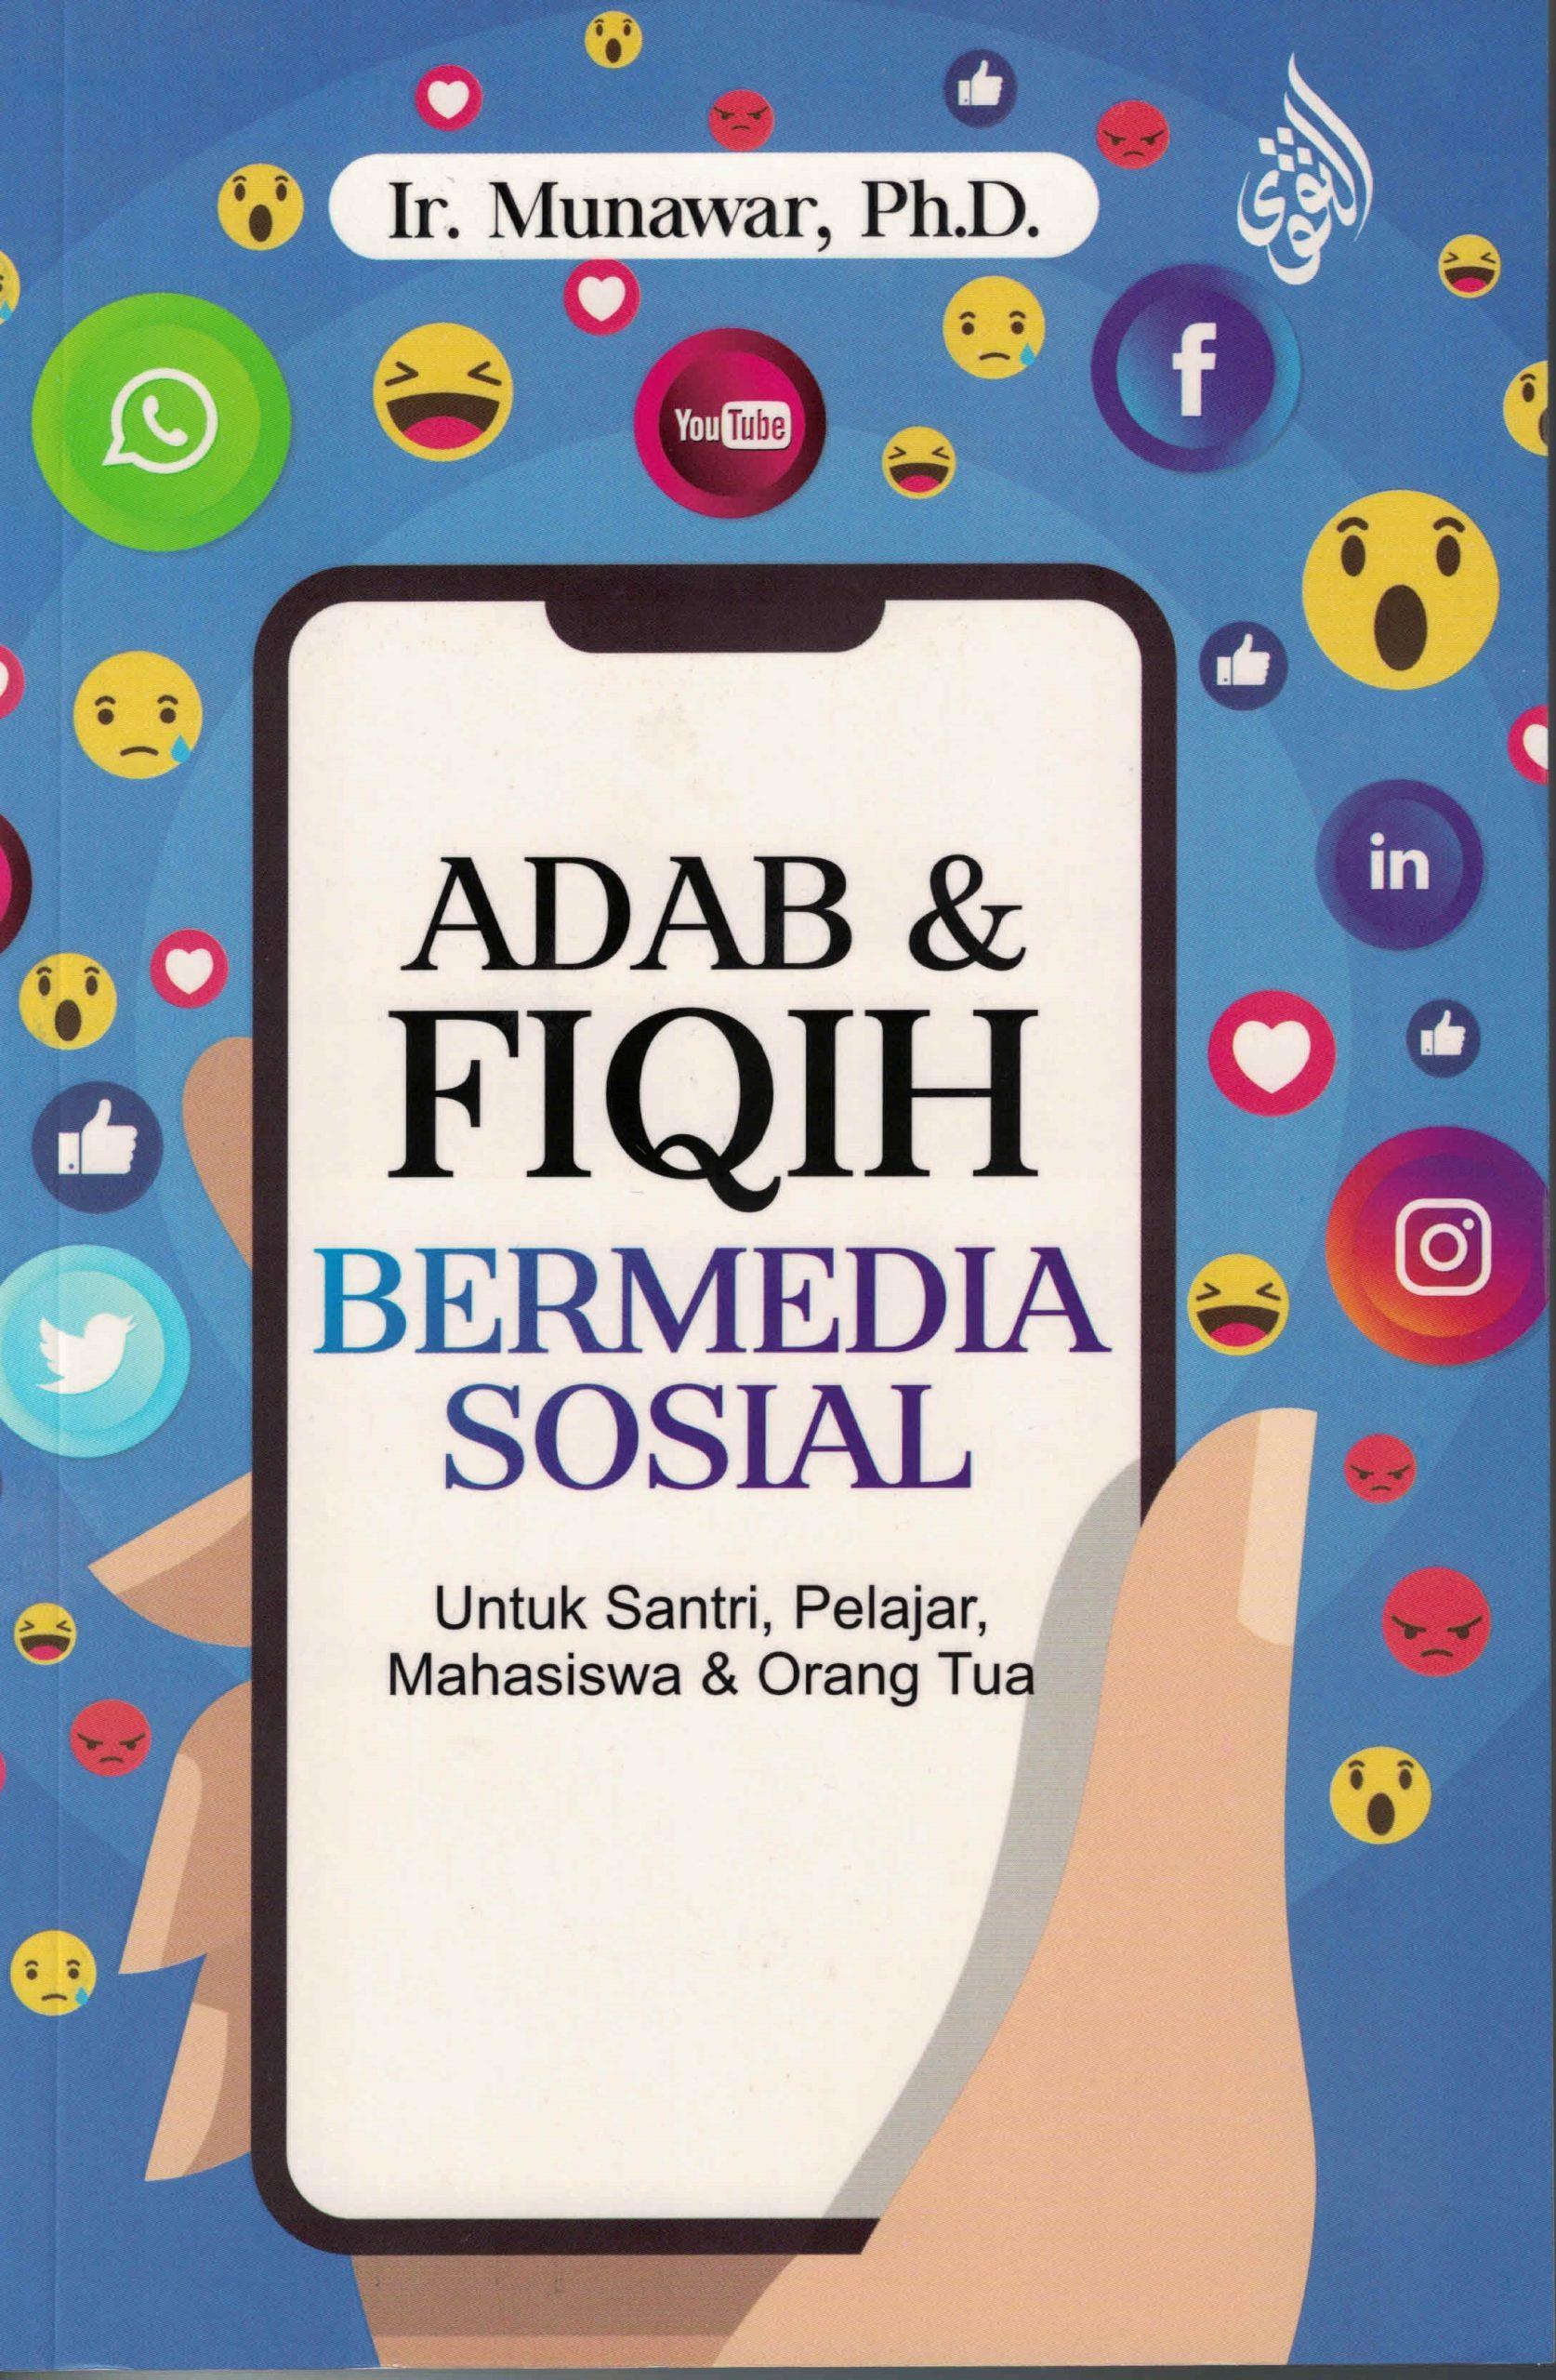 Adab dan Fiqih Bermedia Sosial